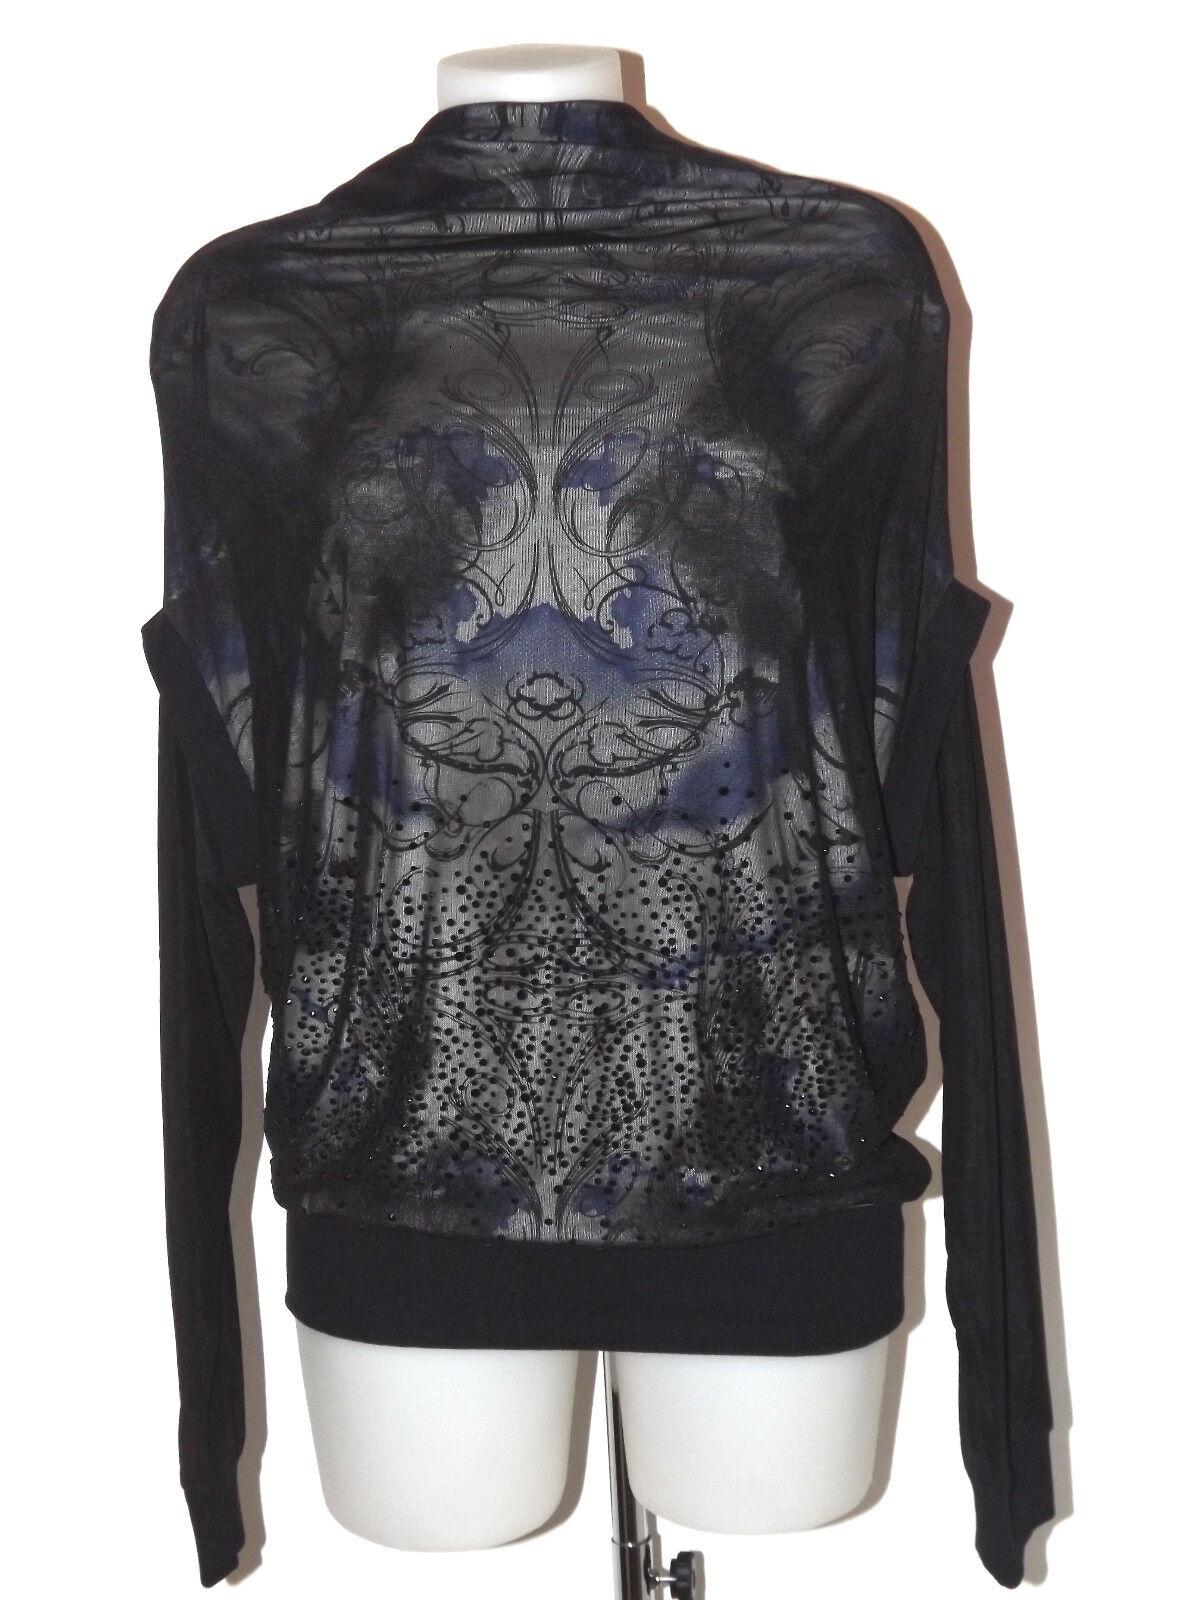 Koralline Jersey Schwarz Größe L T-Shirt Lange Ärmel Druck Tüll und Stachel